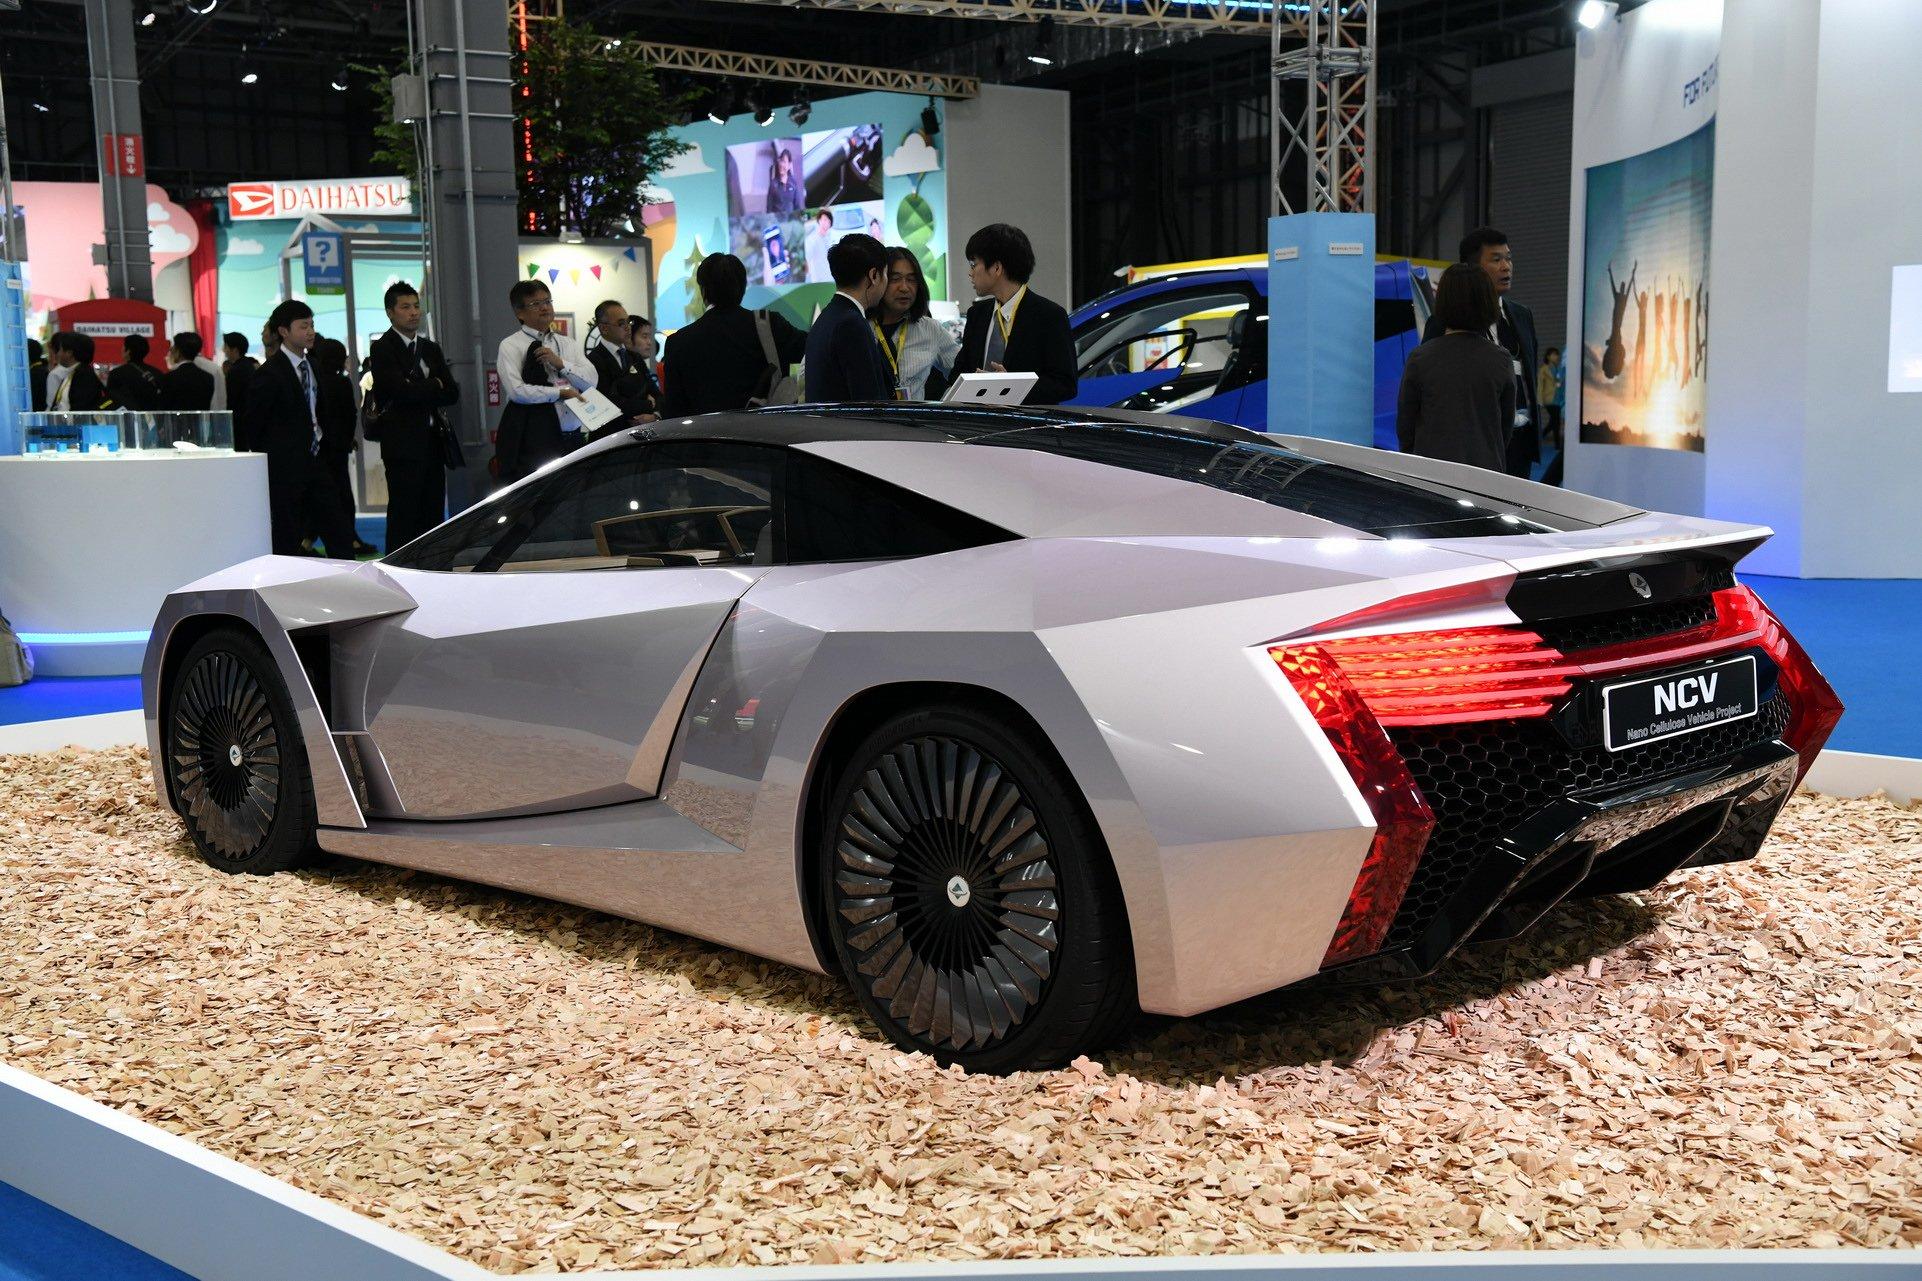 ساخت خودروی حیرت انگیز بازیافتی در ژاپن!